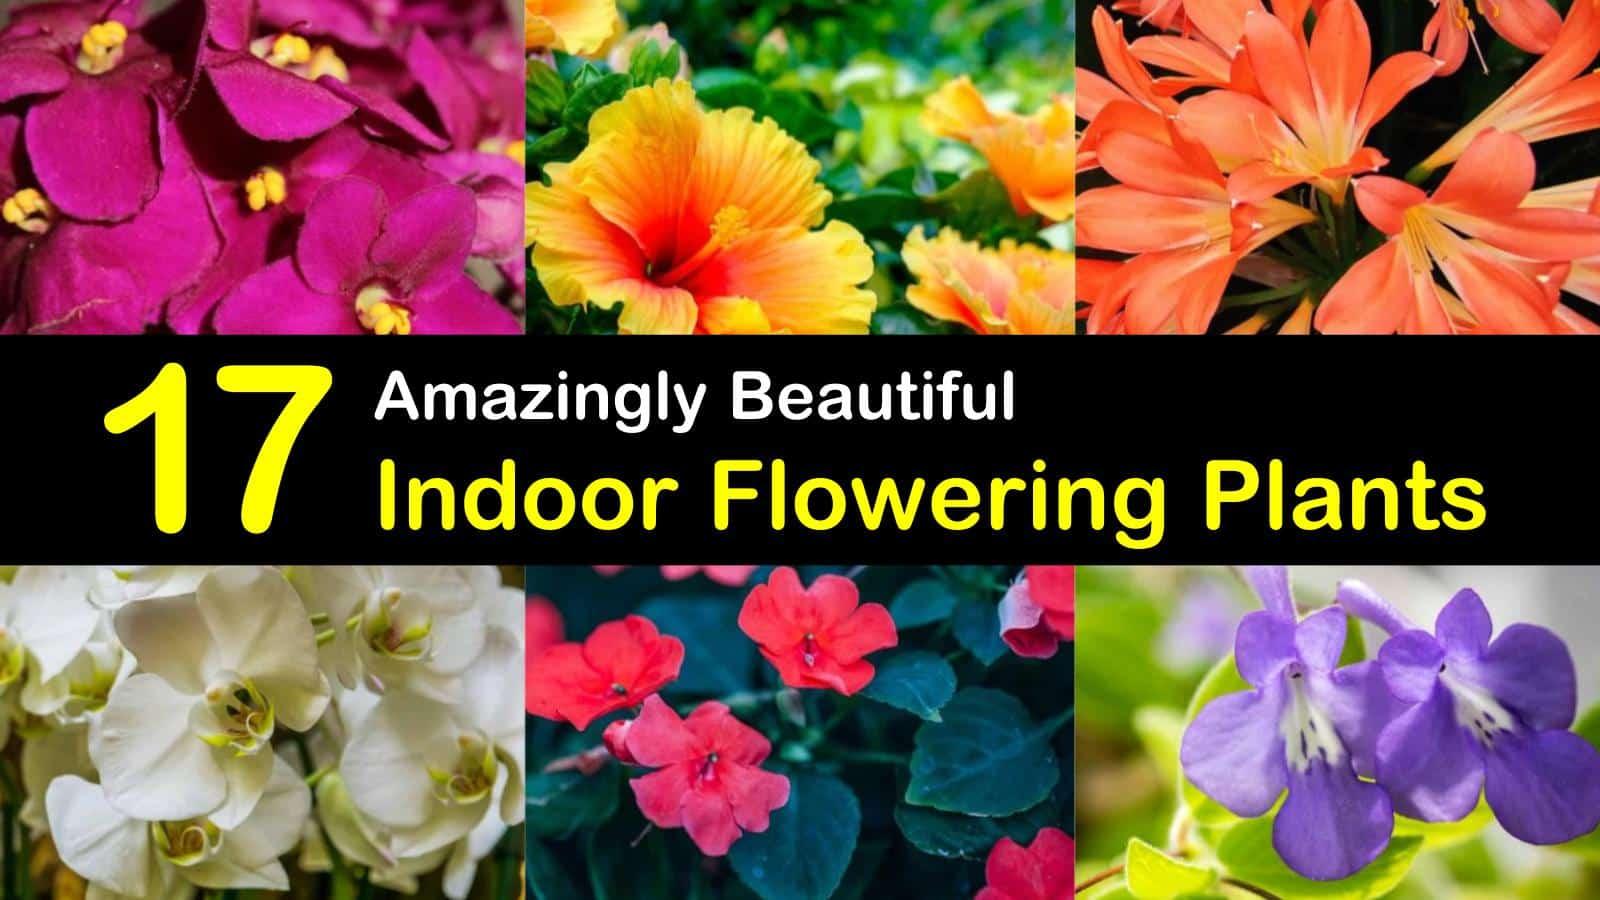 indoor flowering plants titleimg1